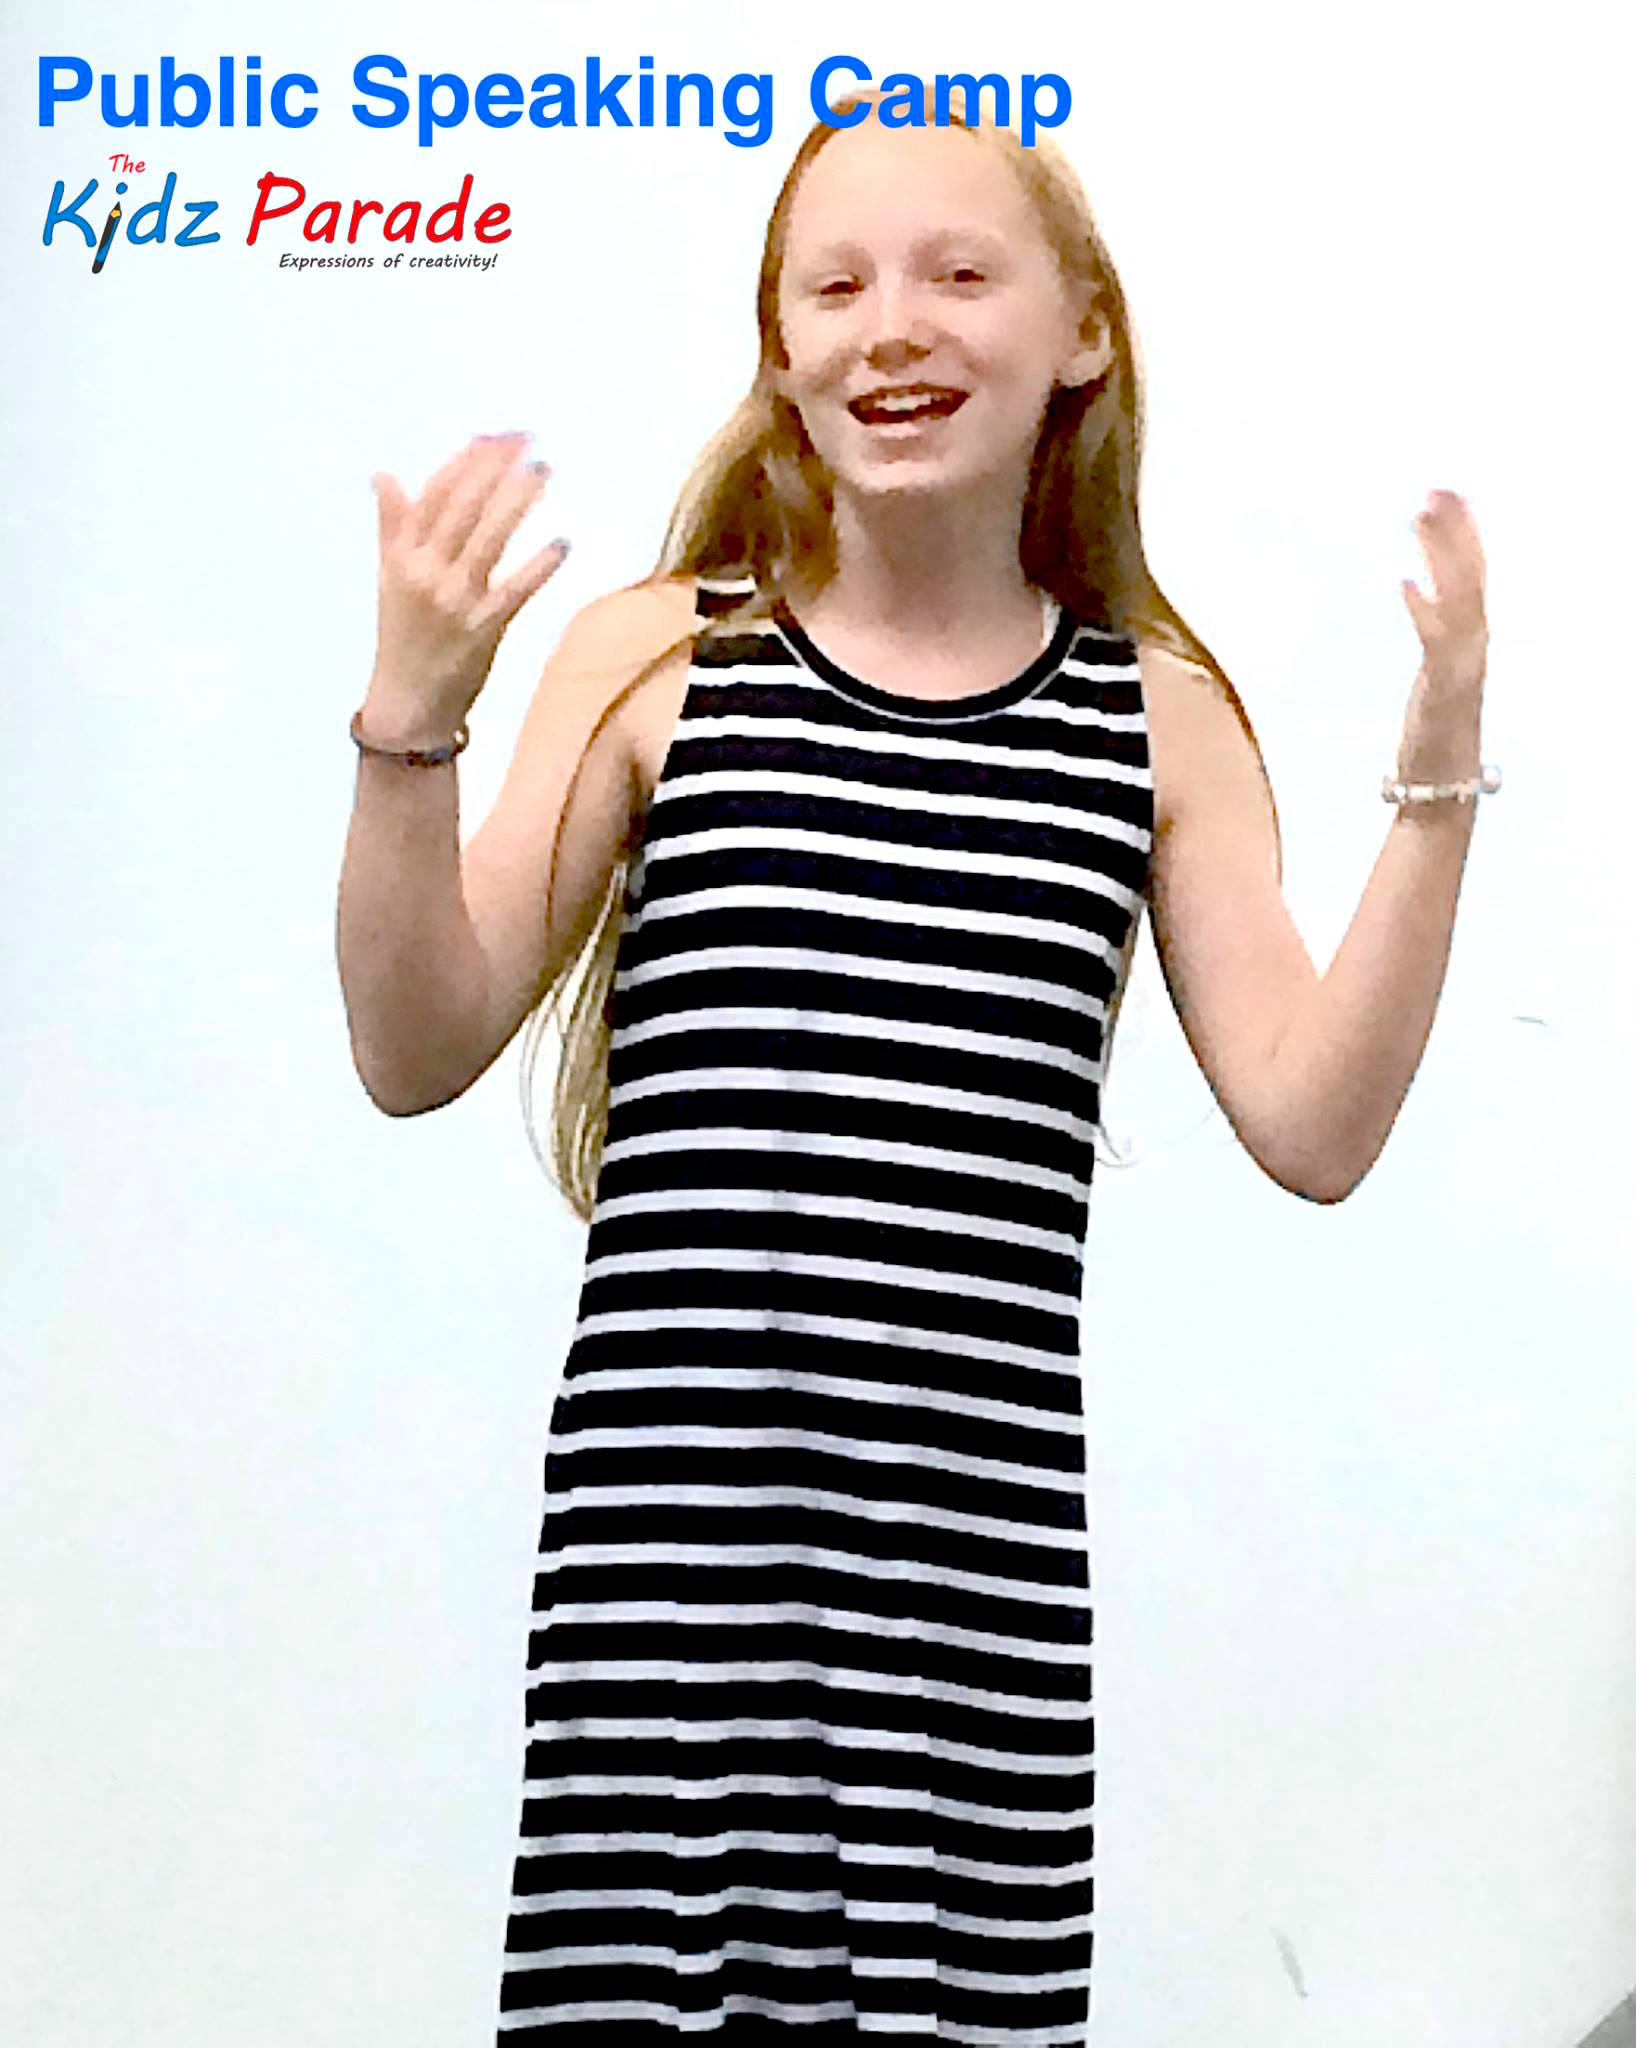 Public Speakig for children Singapore